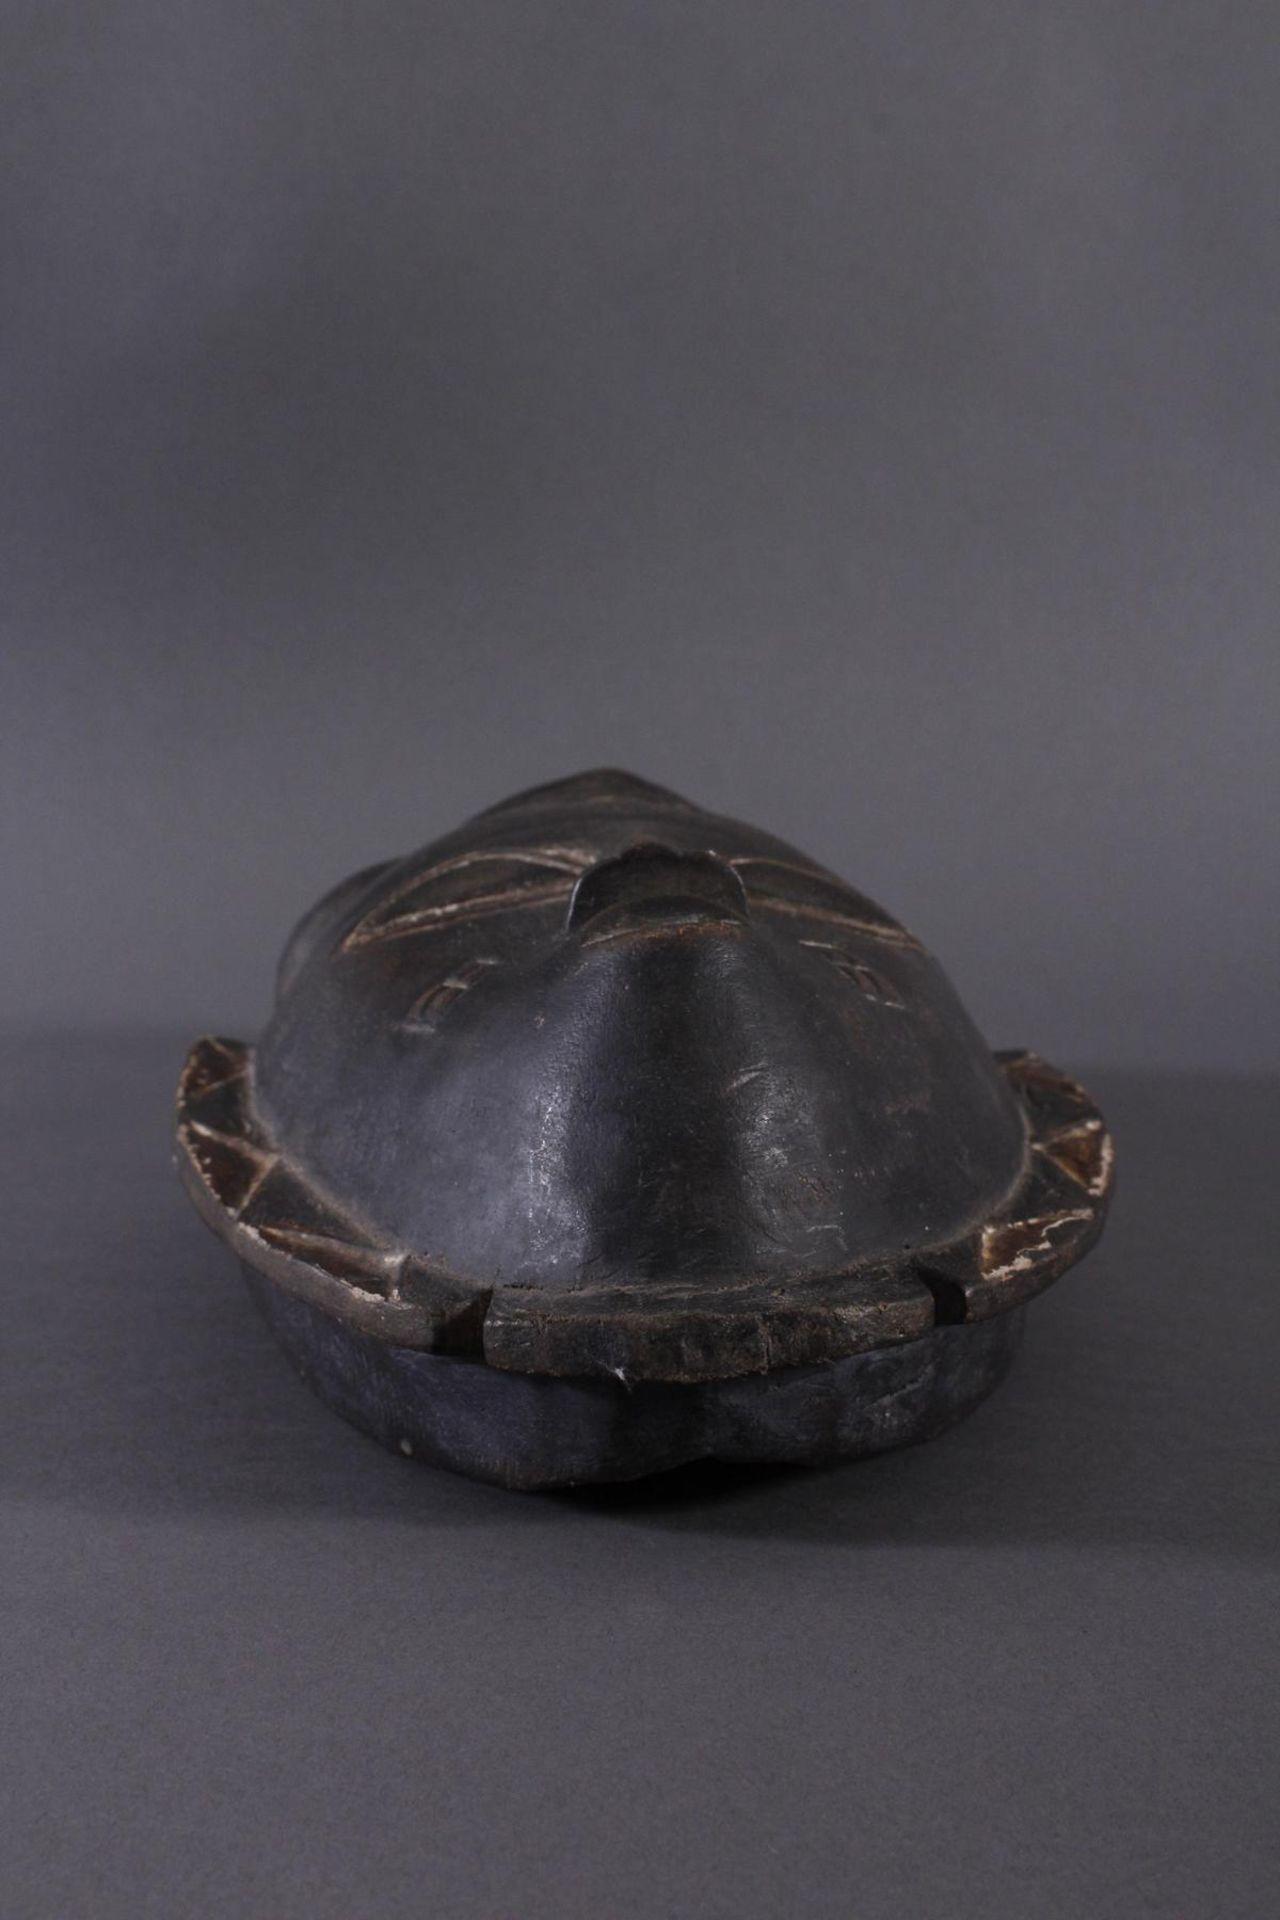 Antike Maske, Baule, Elfenbeinküste 1. Hälfte 20. Jh.Holz geschnitzt, dunkle Patina, Reste weißer - Bild 2 aus 6